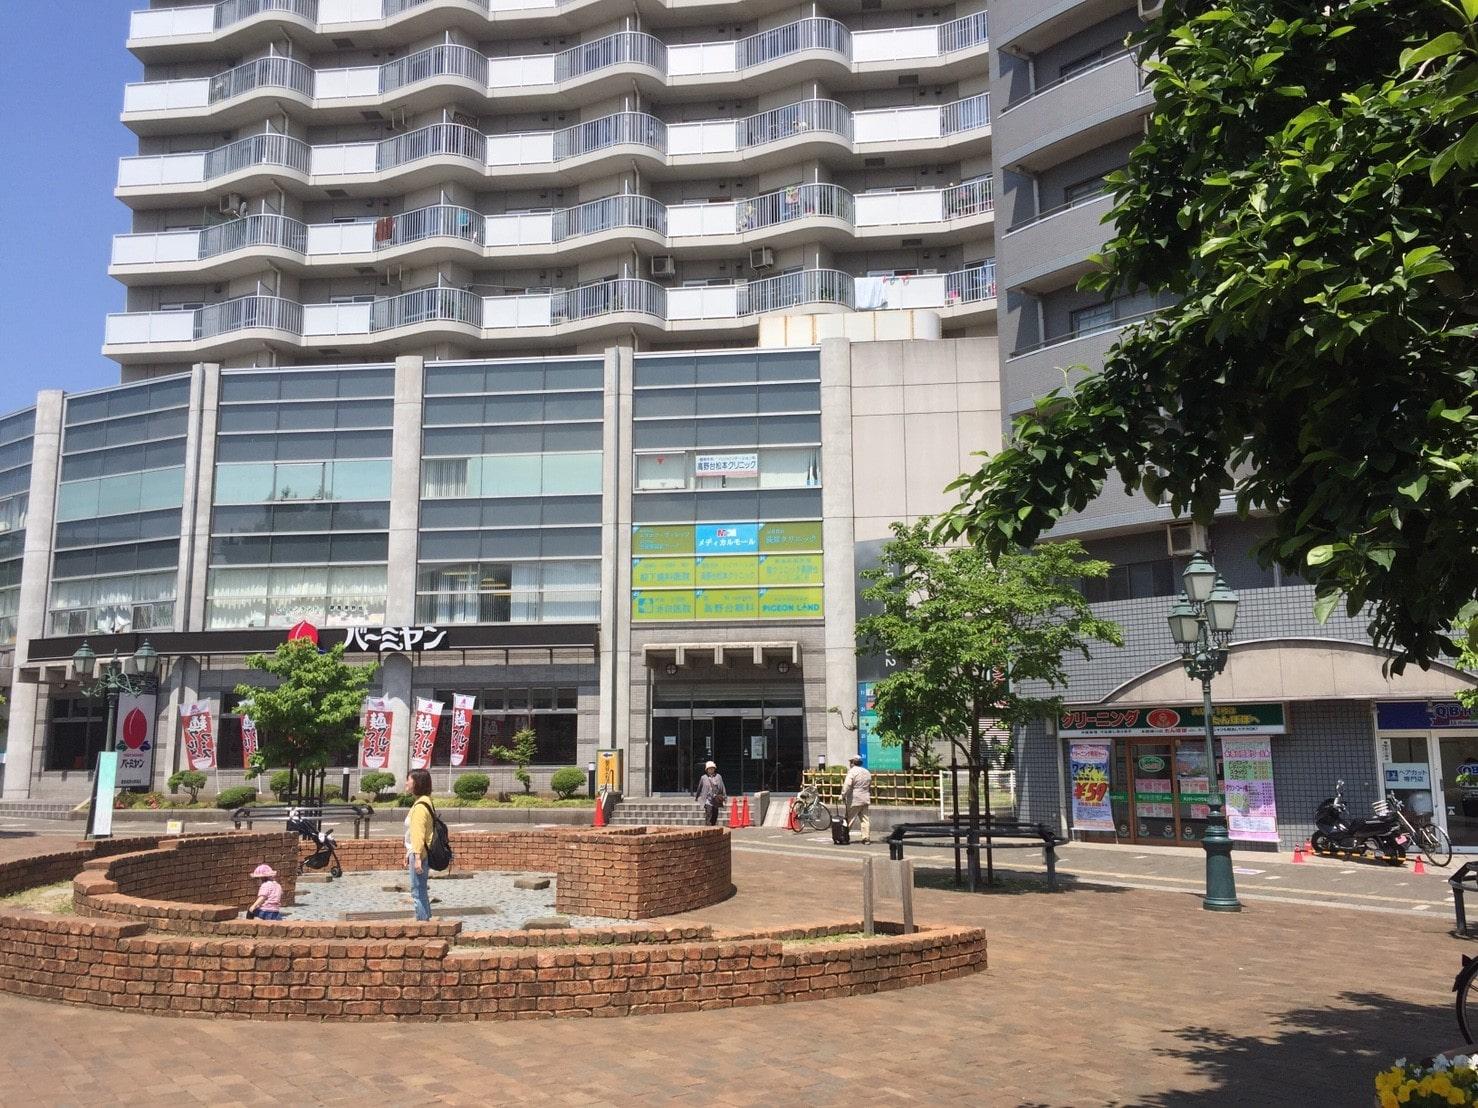 練馬高野台南口前の公園